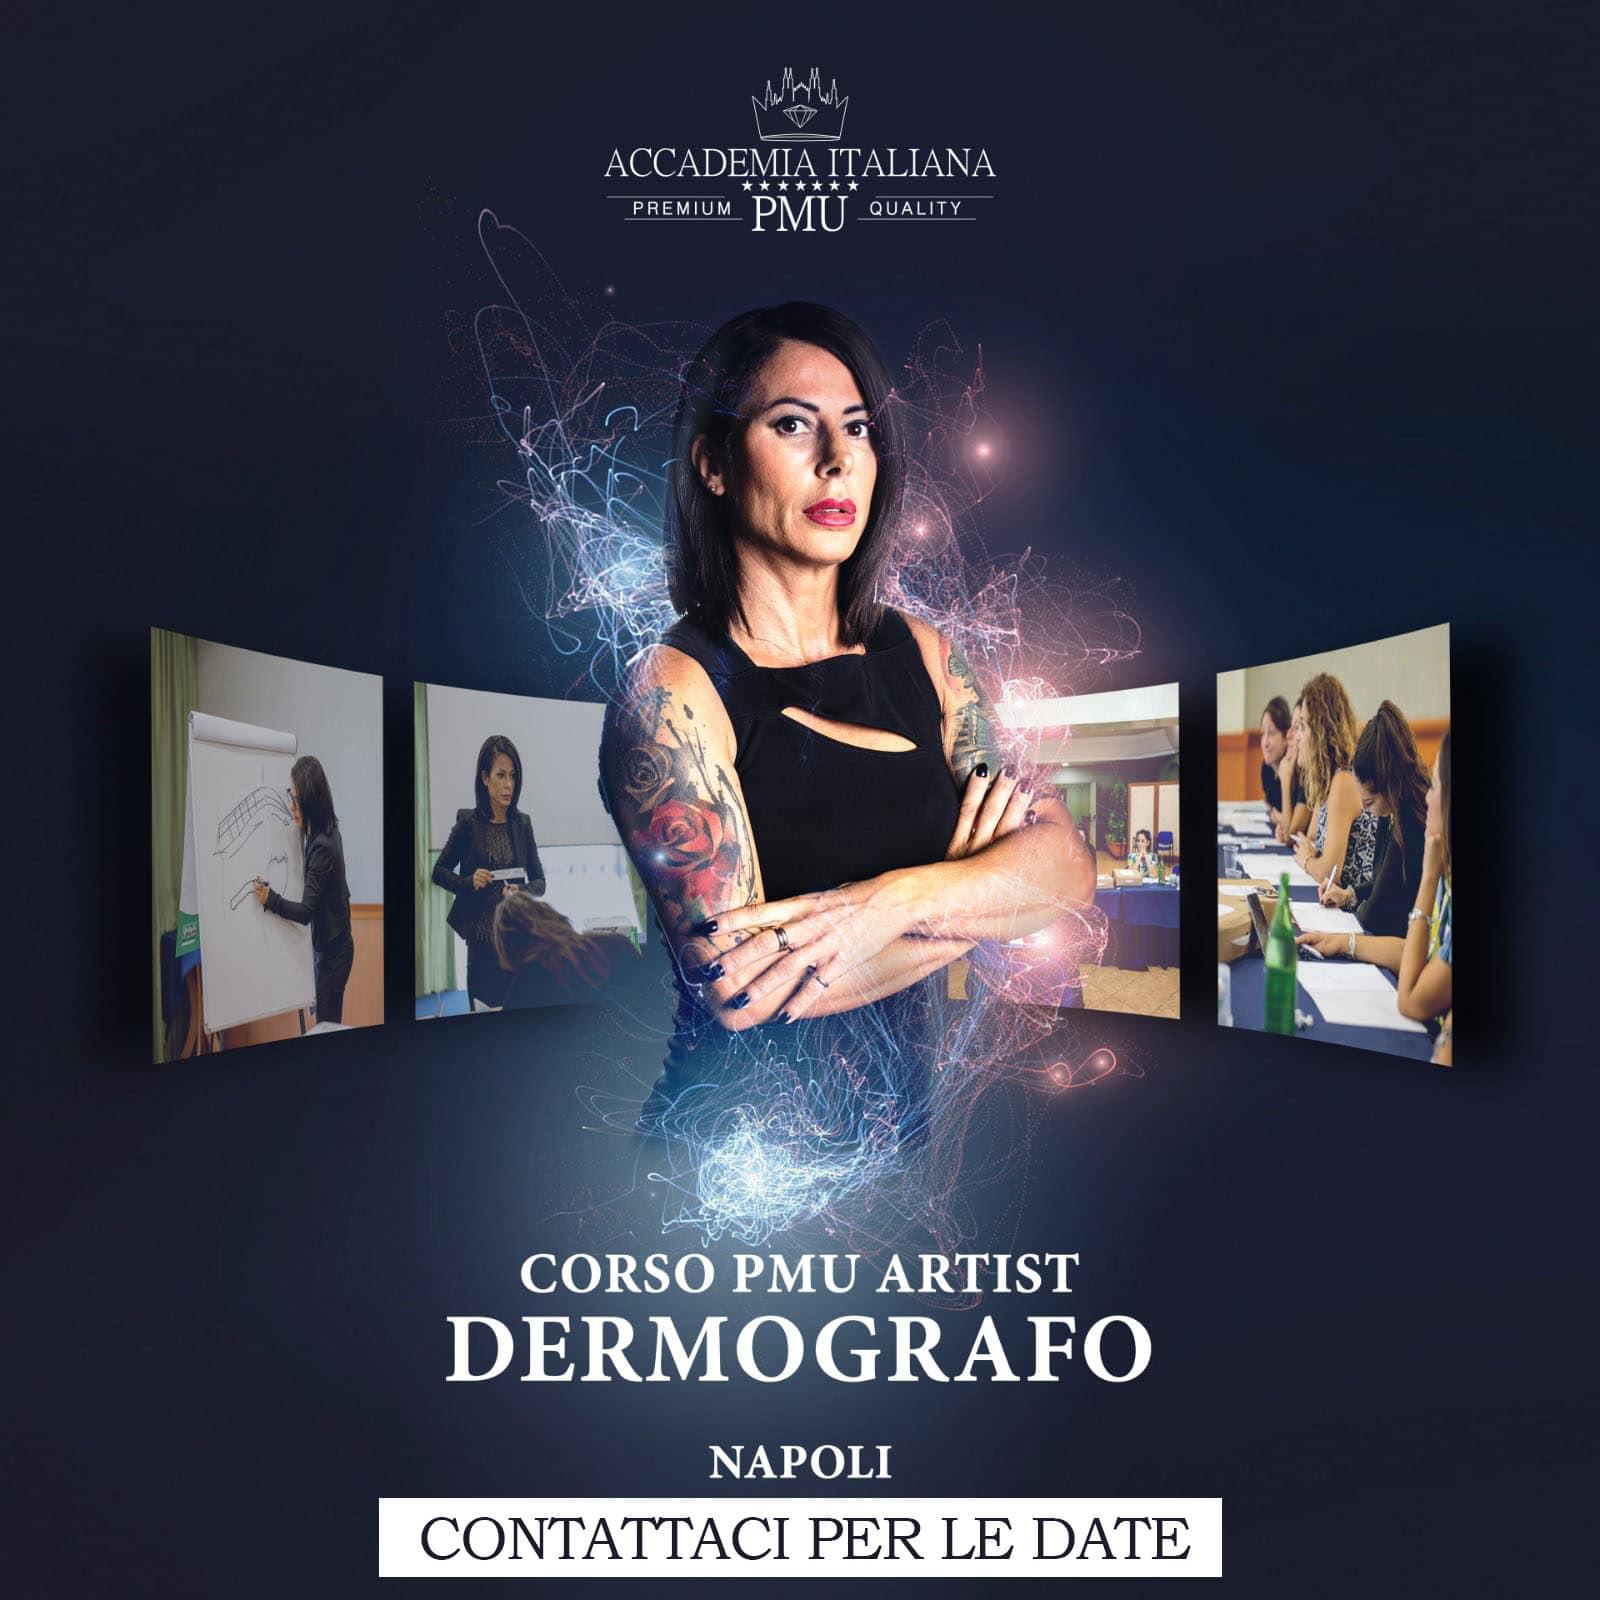 dermografo napoli - Corso trucco permanente Milano